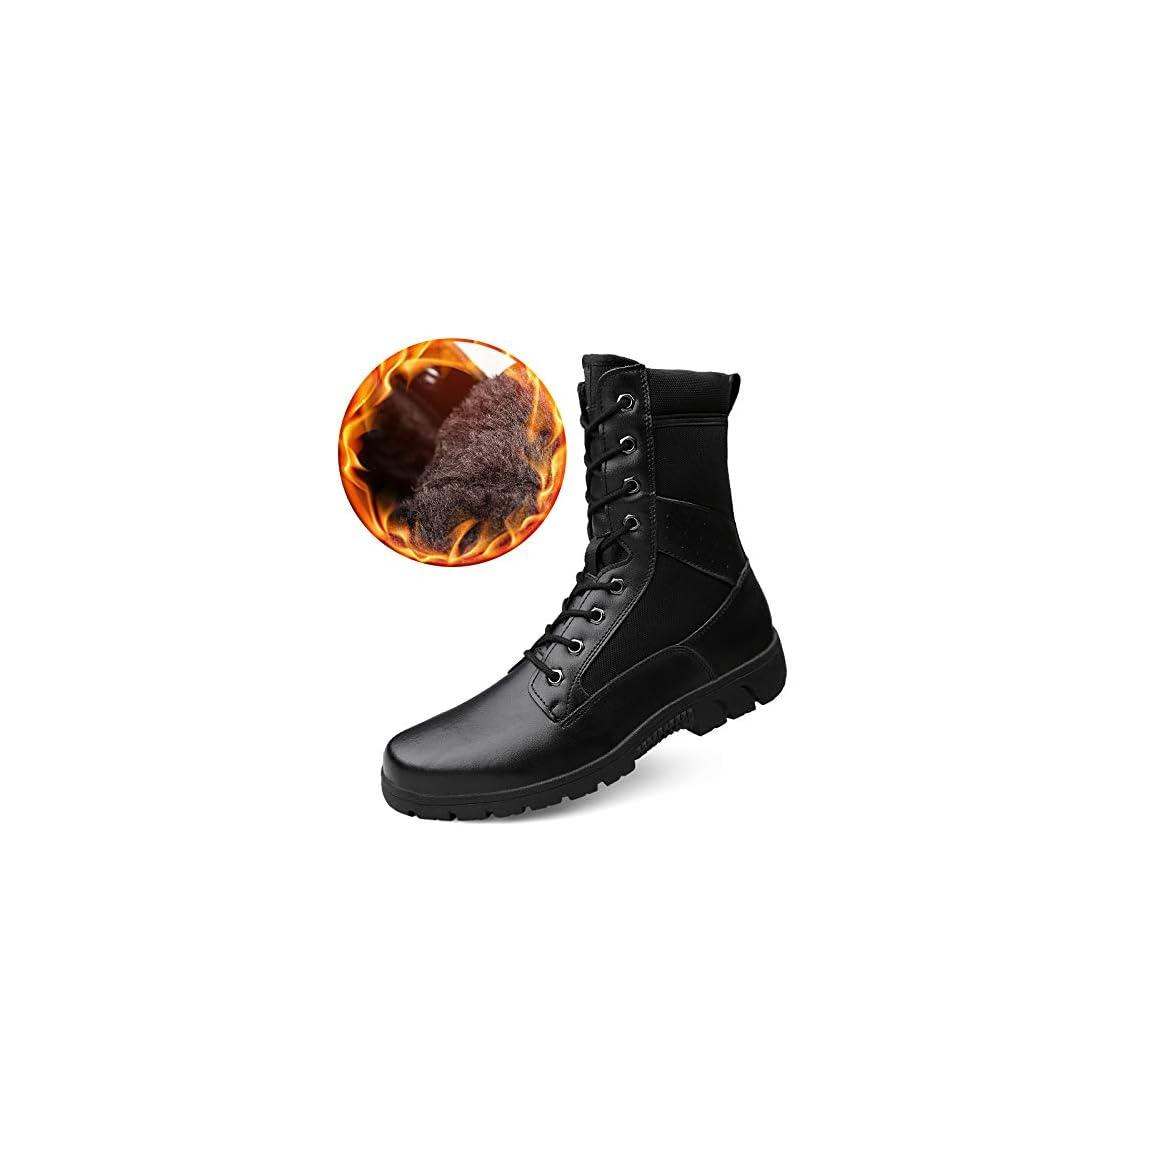 Hcbyj Scarpa Scarpe Da Uomo Di Spessore Invernale In Pelle Utensili Martin Stivali Alti Militari Tattici Ispessimento Alpinismo